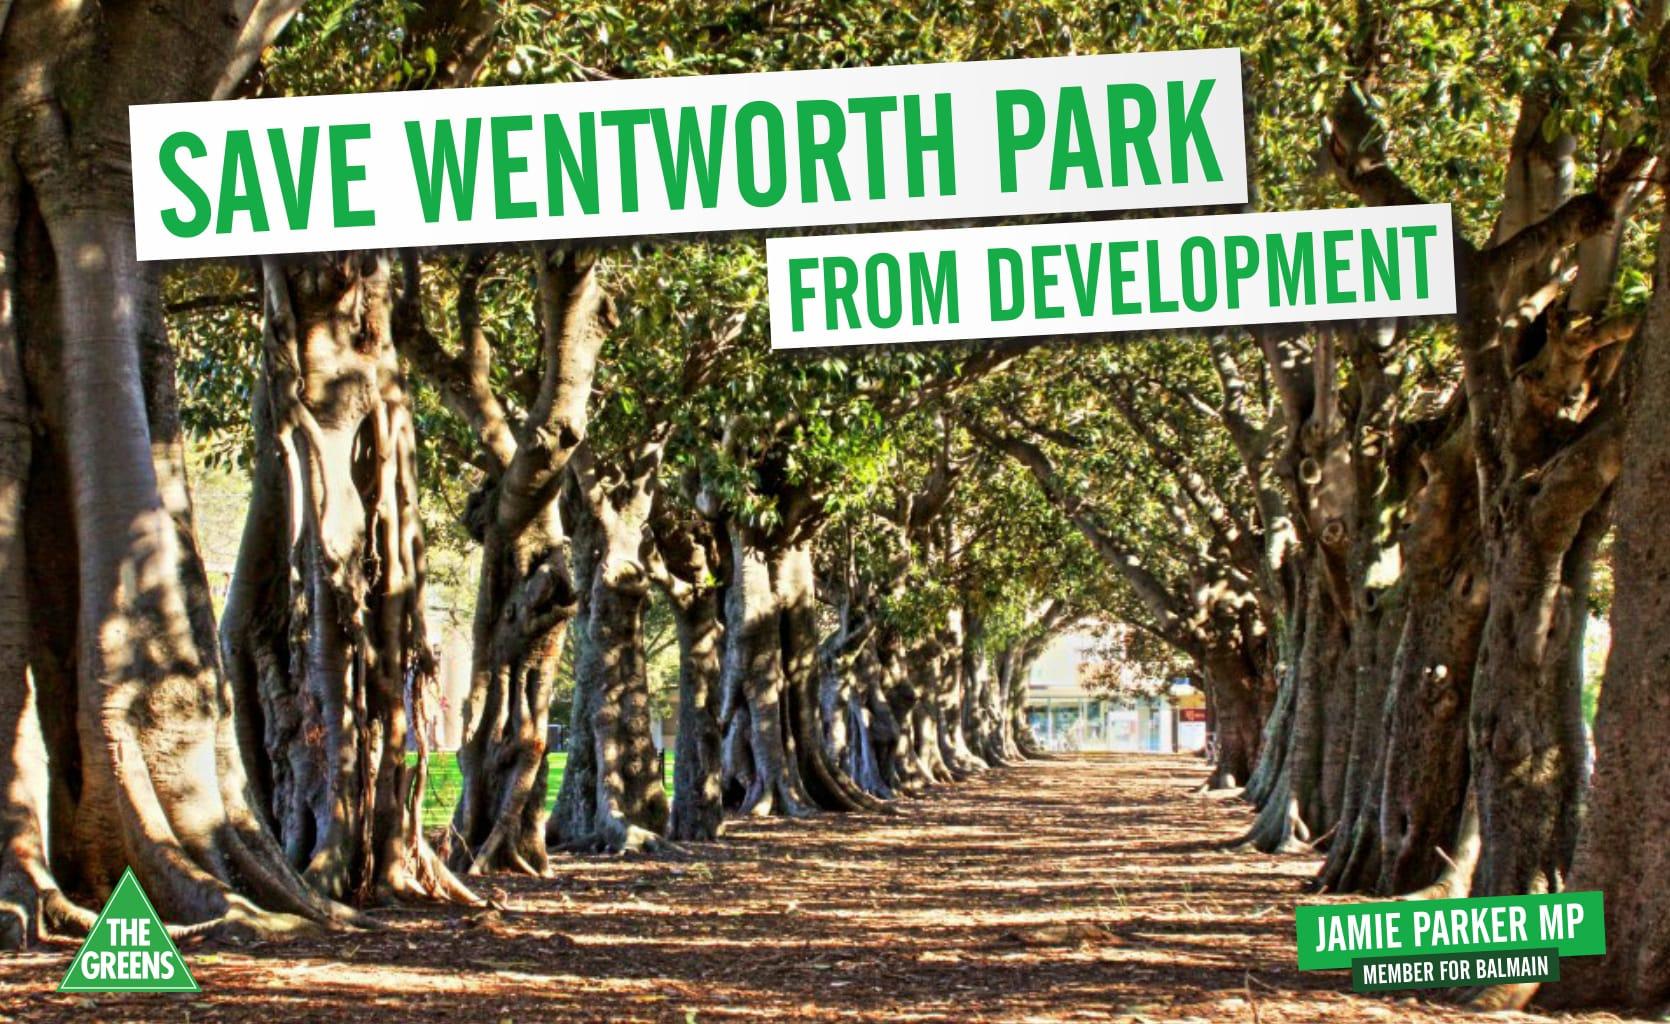 Save Wentworth Park - Jamie Parker MP